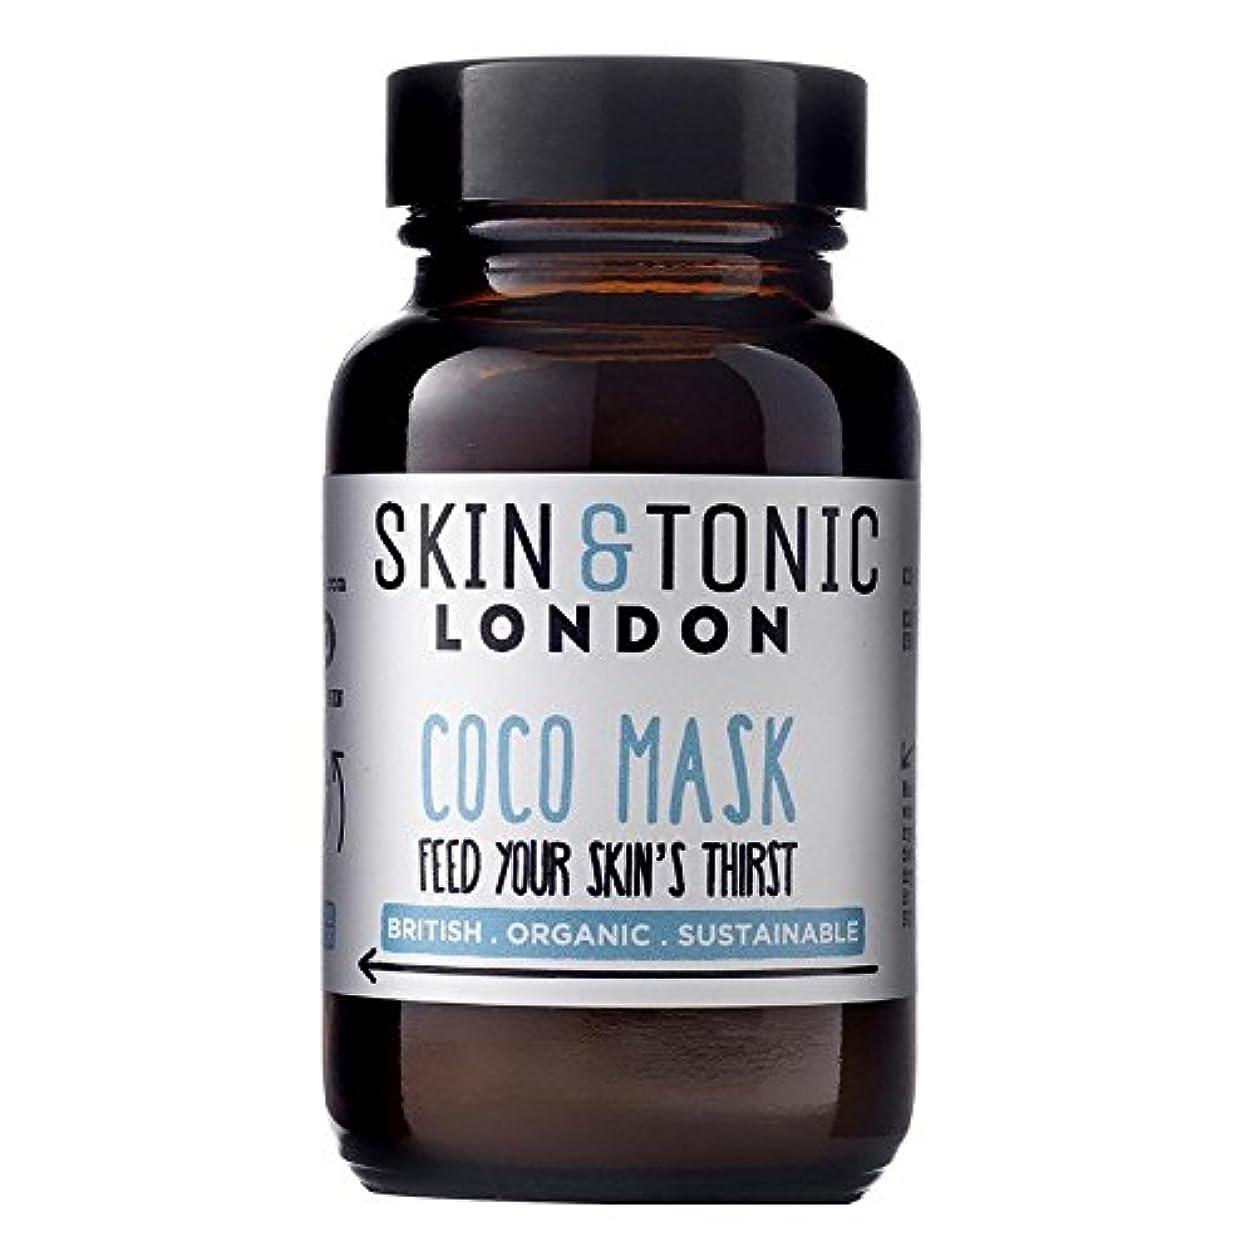 イライラする宴会効果スキン&トニックロンドンココマスク50グラム x2 - Skin & Tonic London Coco Mask 50g (Pack of 2) [並行輸入品]